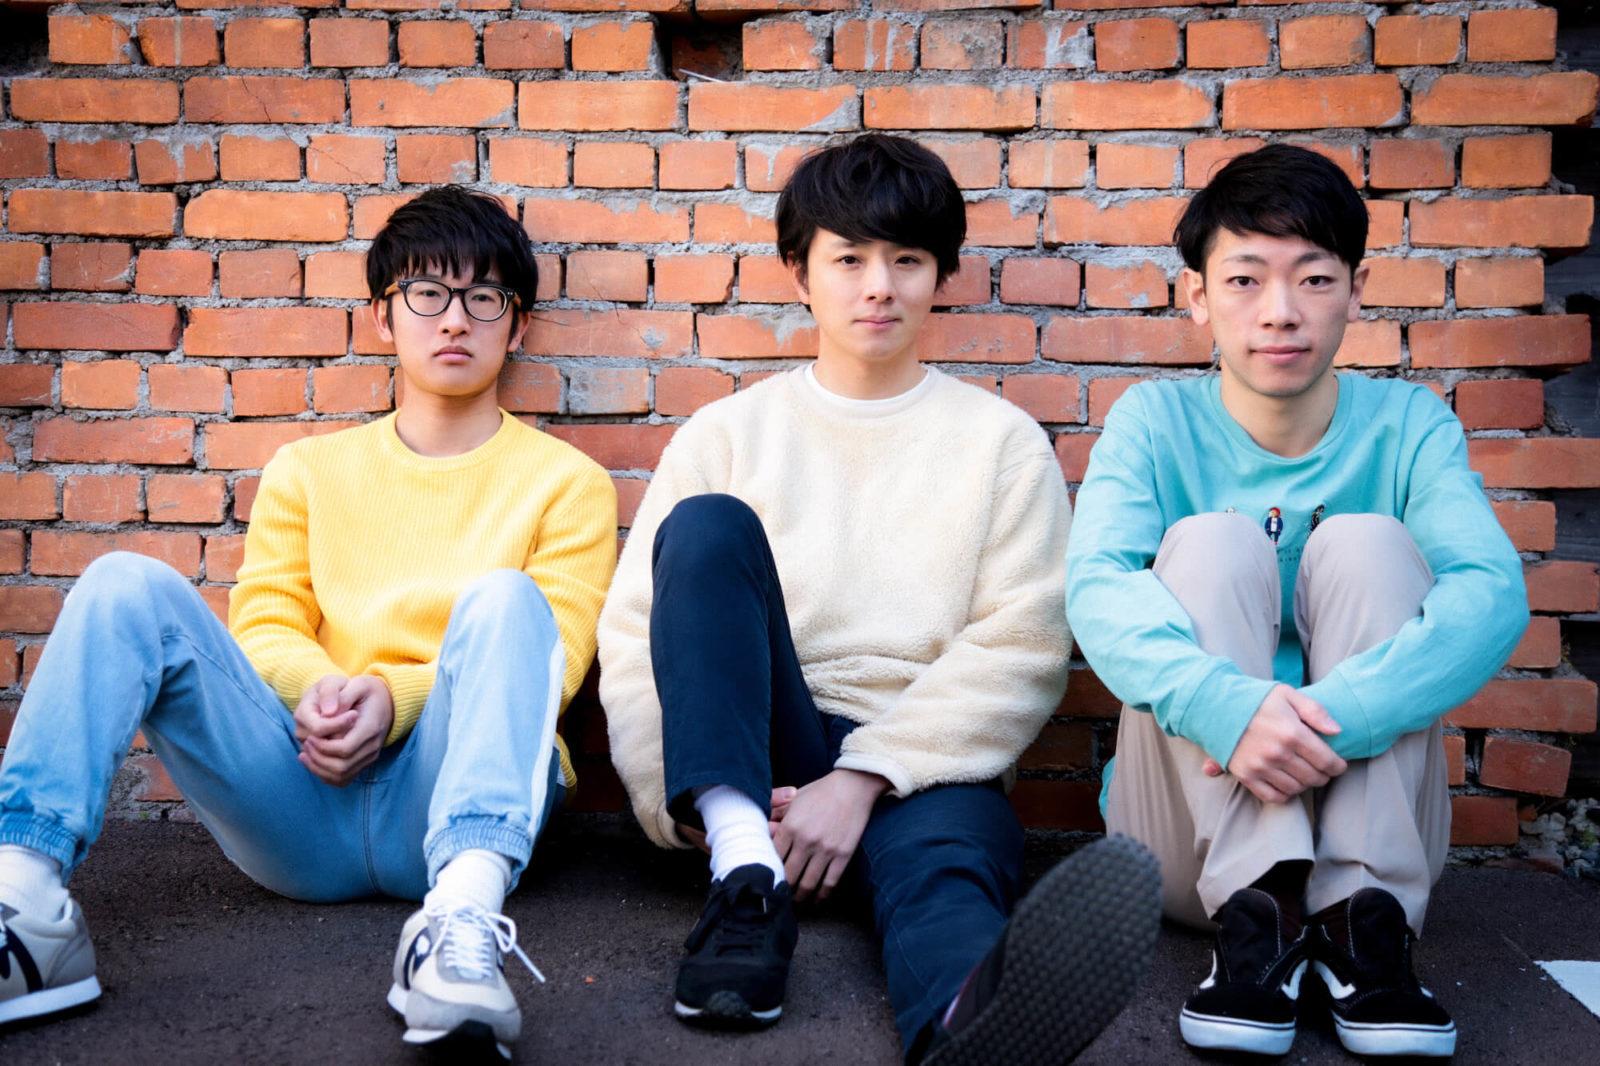 PUTAINS、1stAlbum『FEEL』から「Wet Dream」の先行配信開始サムネイル画像!